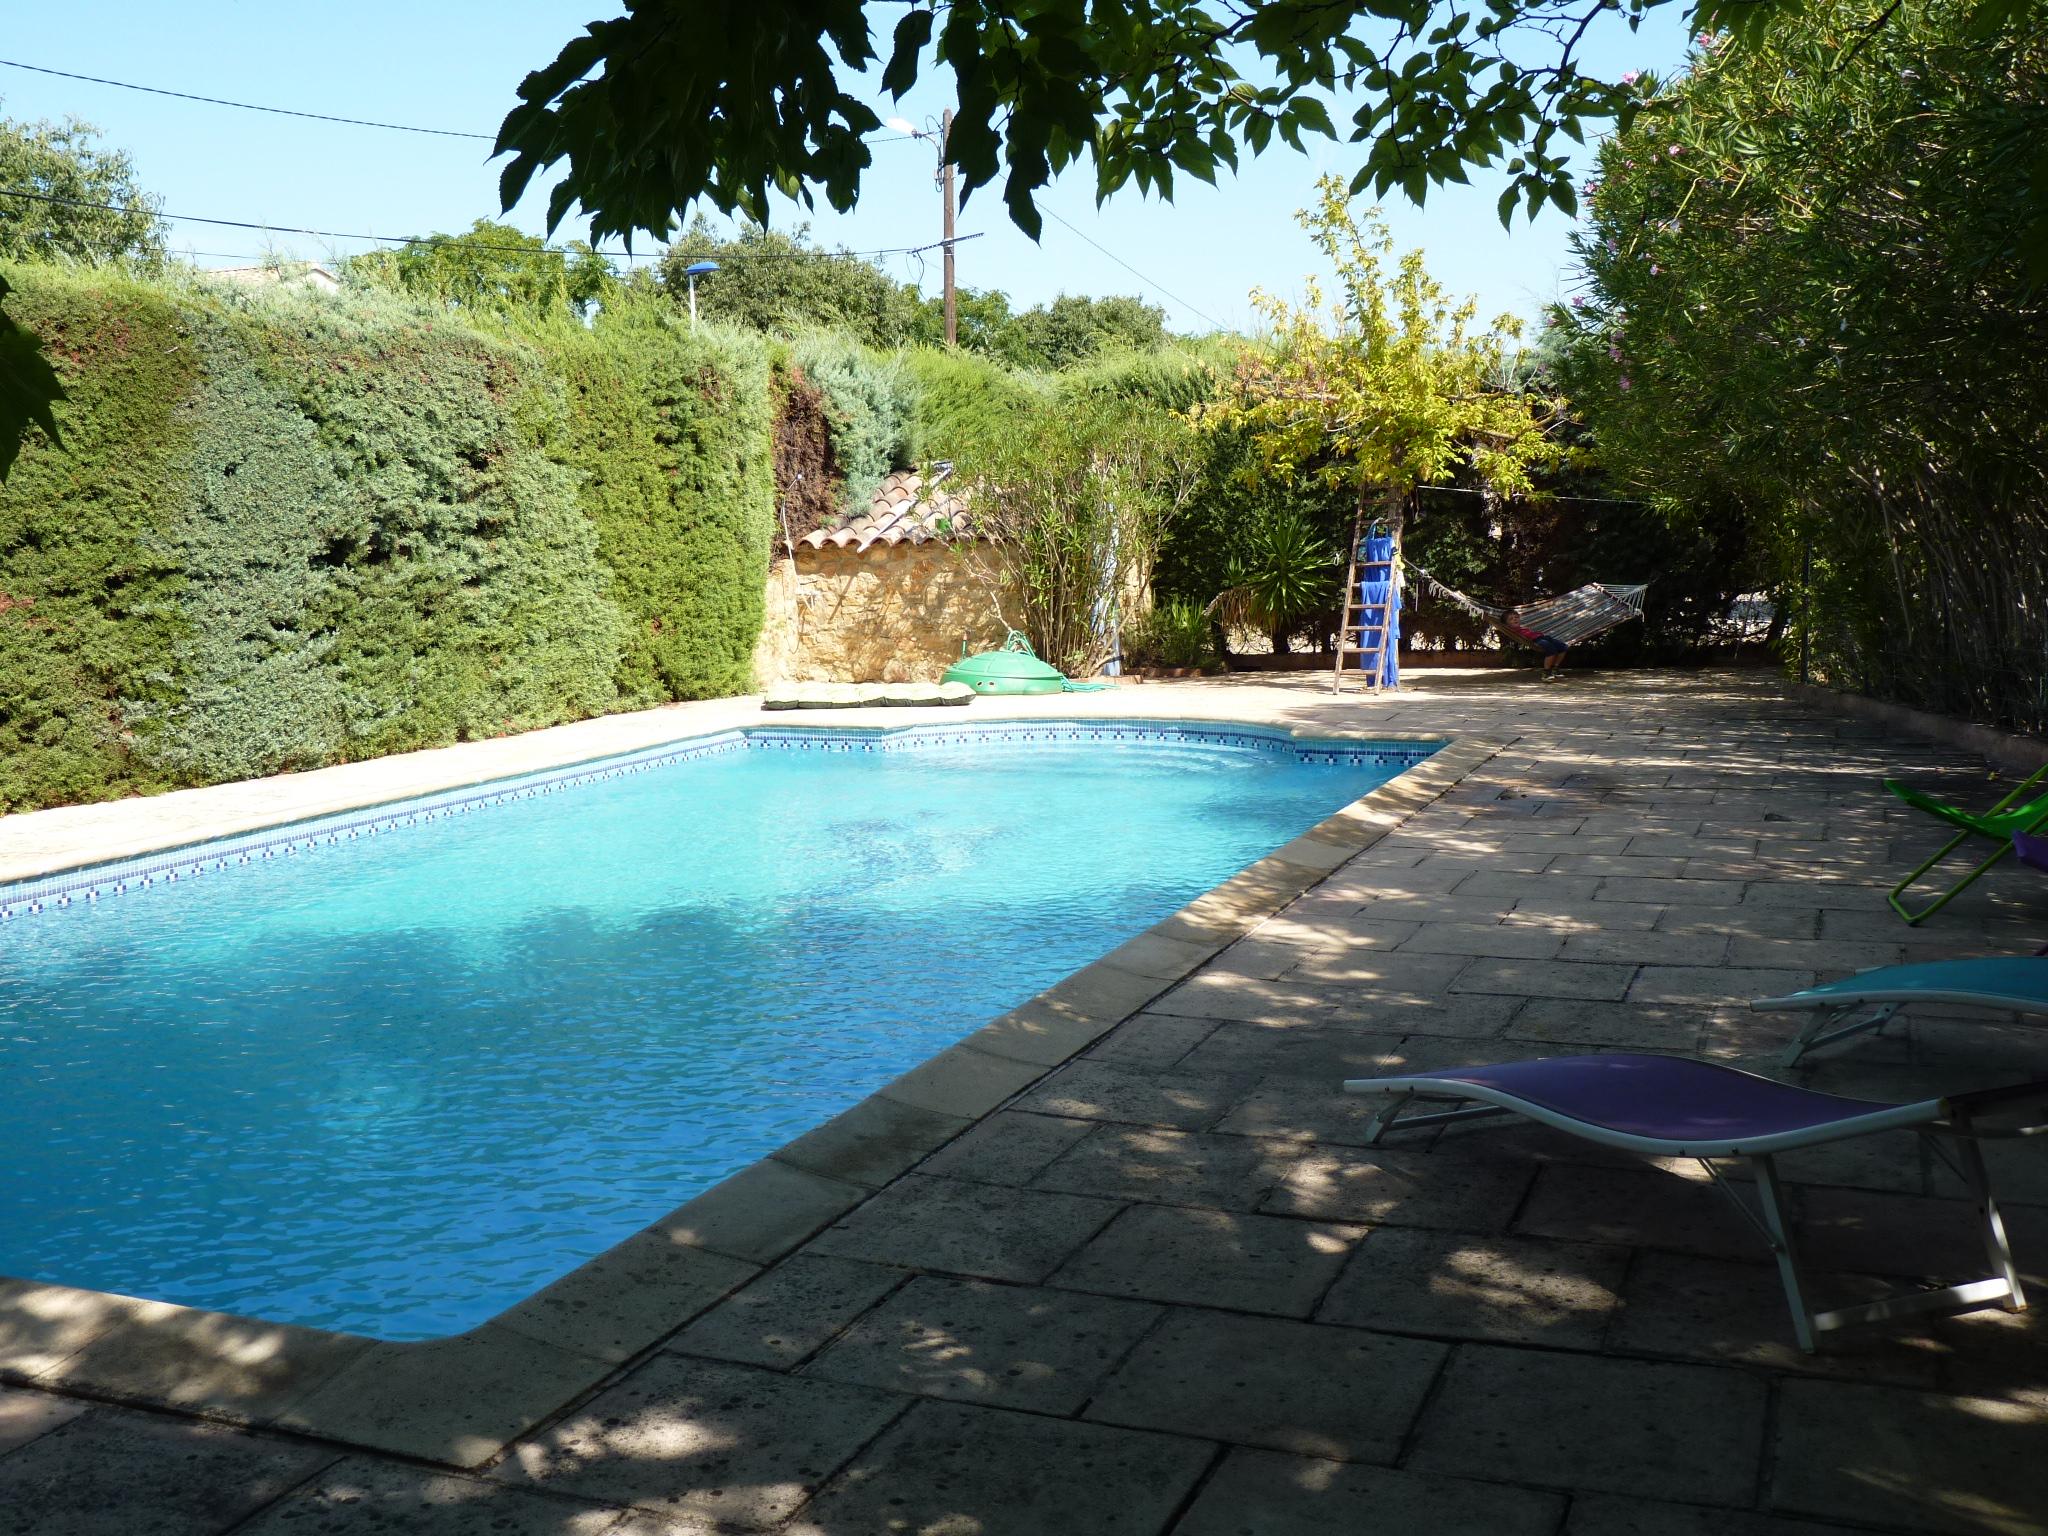 piscine clôturée sécurisée ombragée